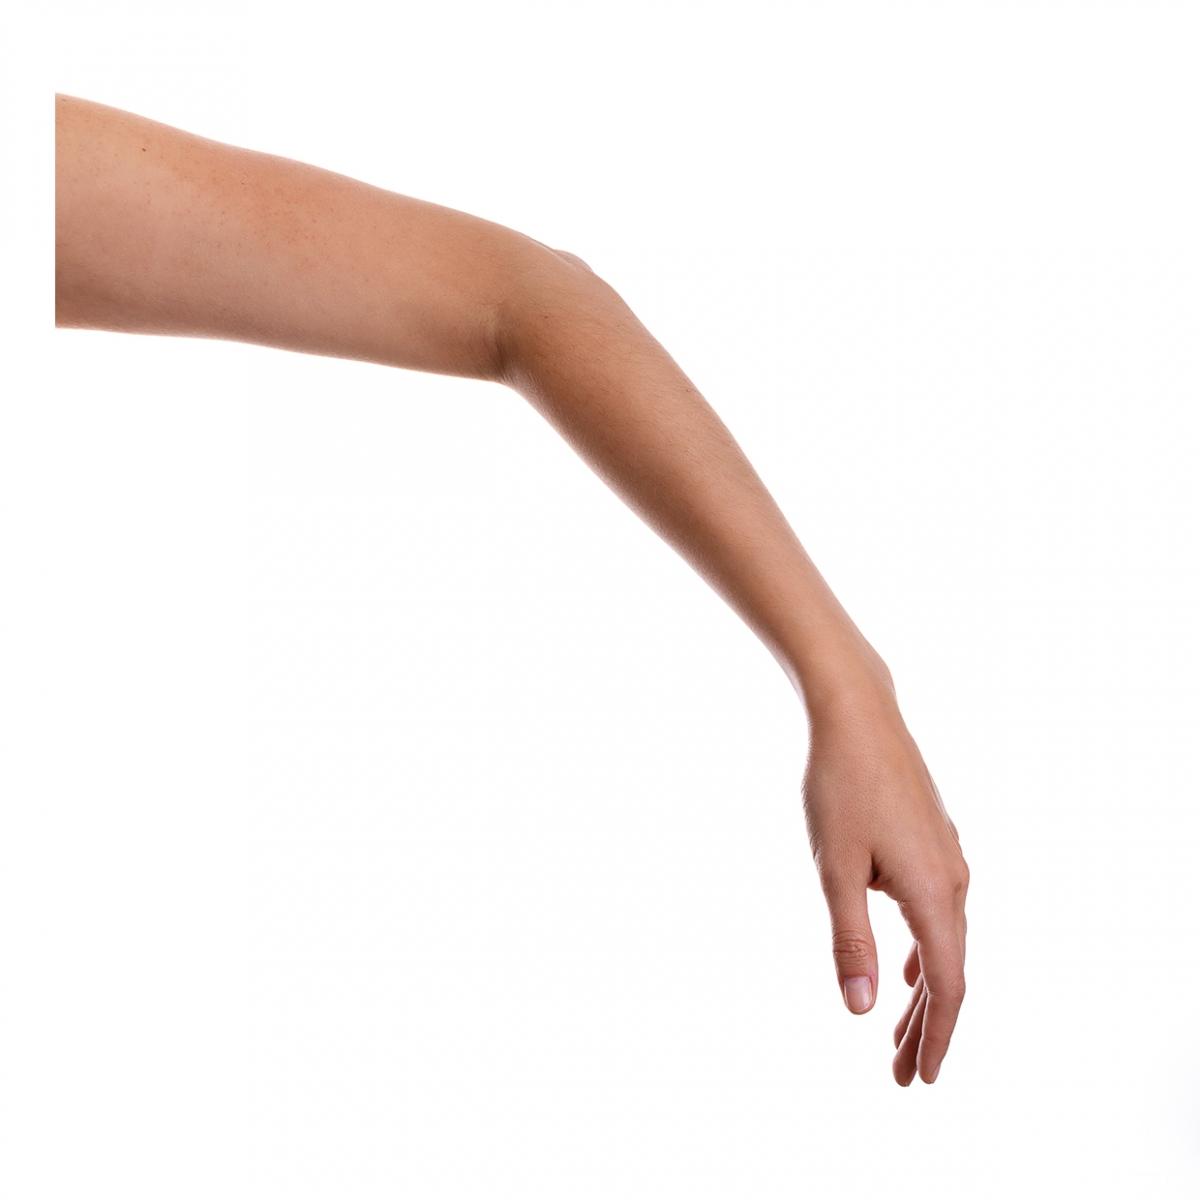 Imagen en la que se ve un brazo humano